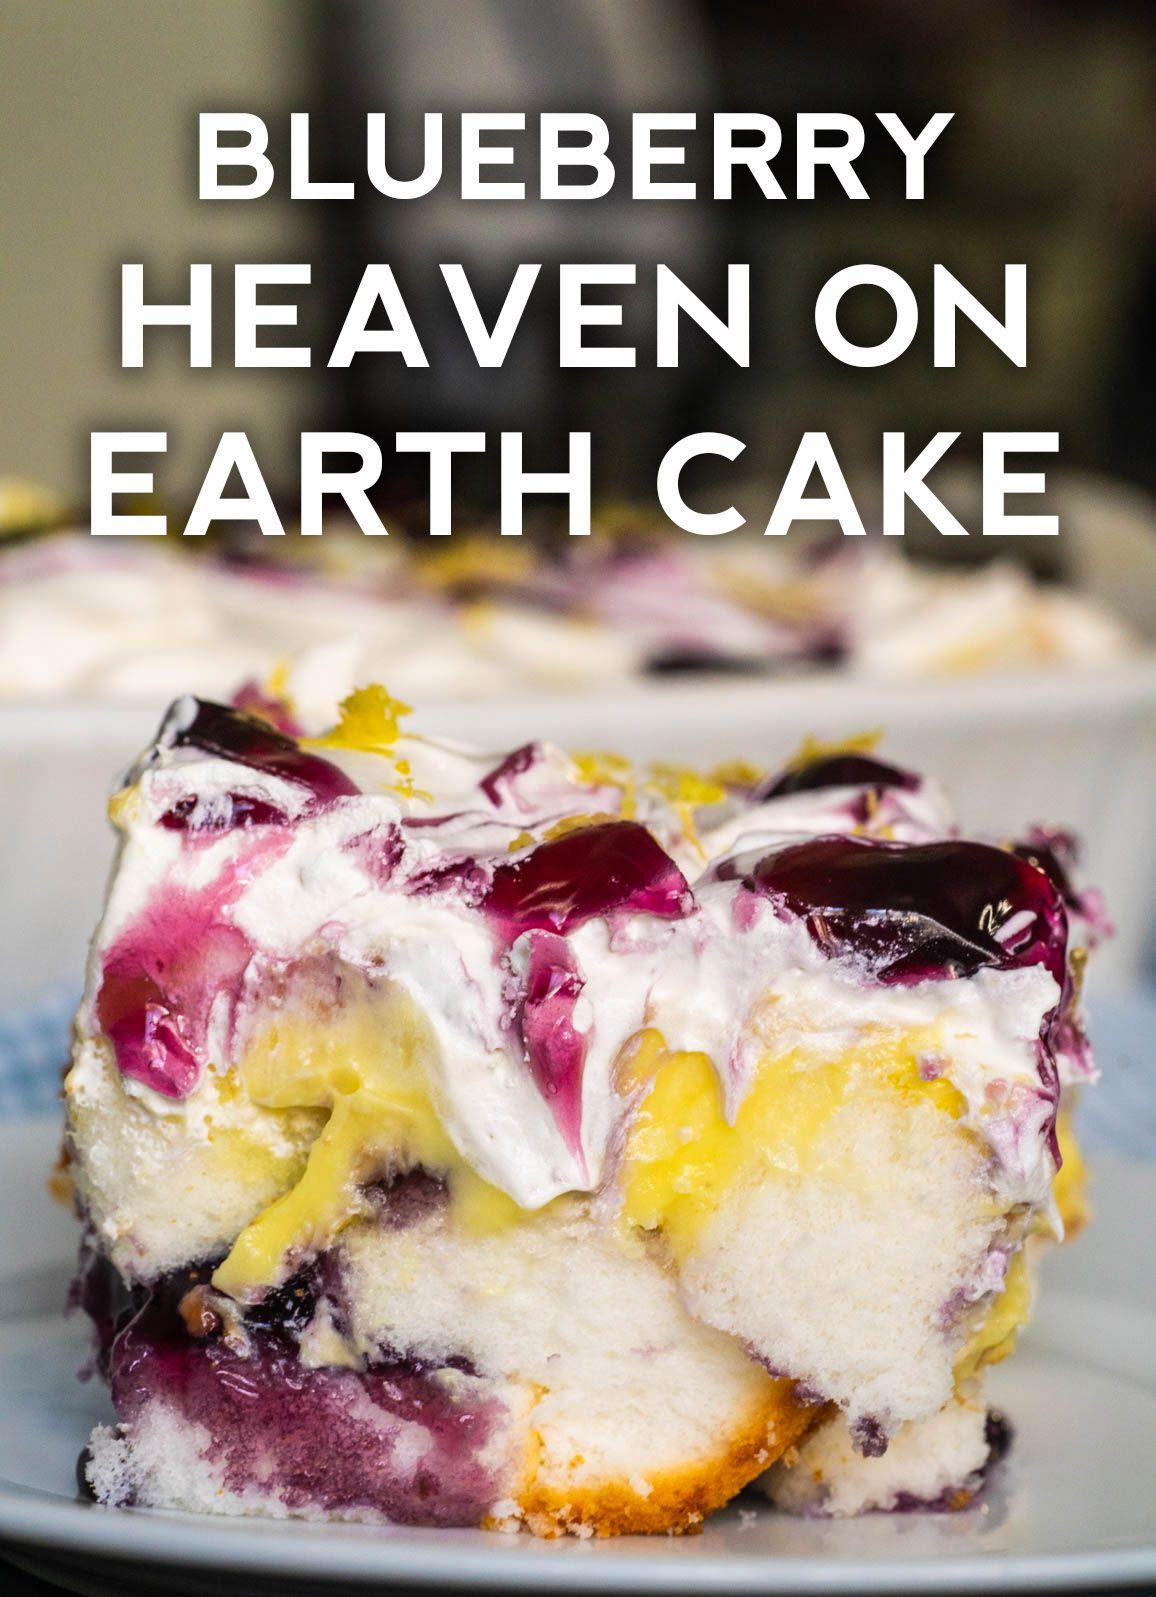 Lemon Blueberry Heaven On Earth Cake